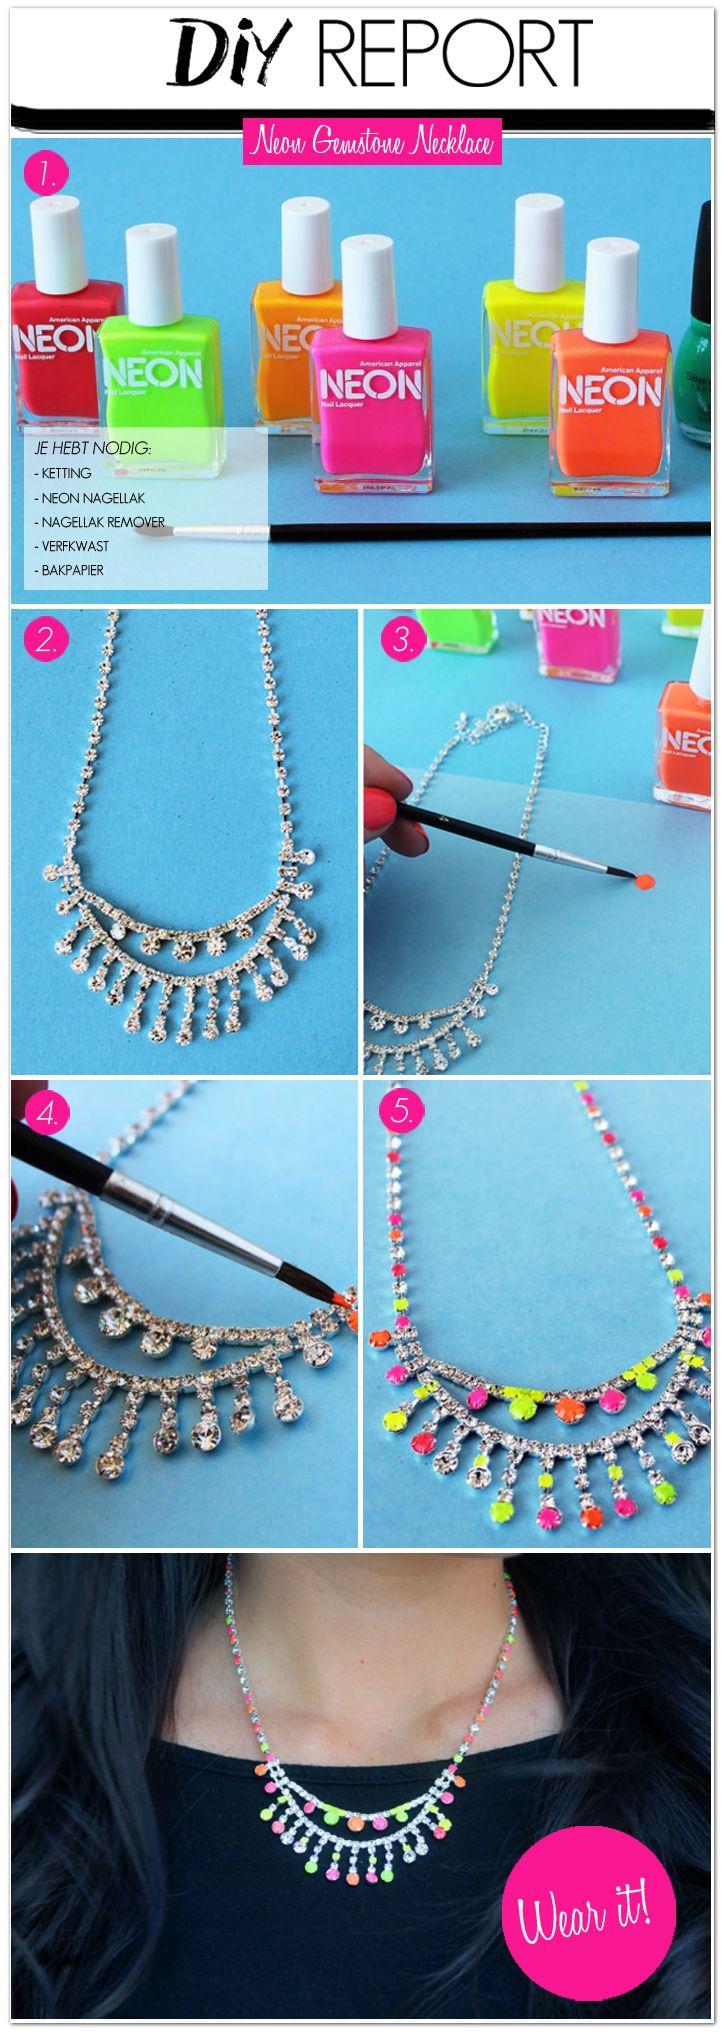 DIY Report: Neon Gemstone Necklace #DIY #necklace #gemstone #neon